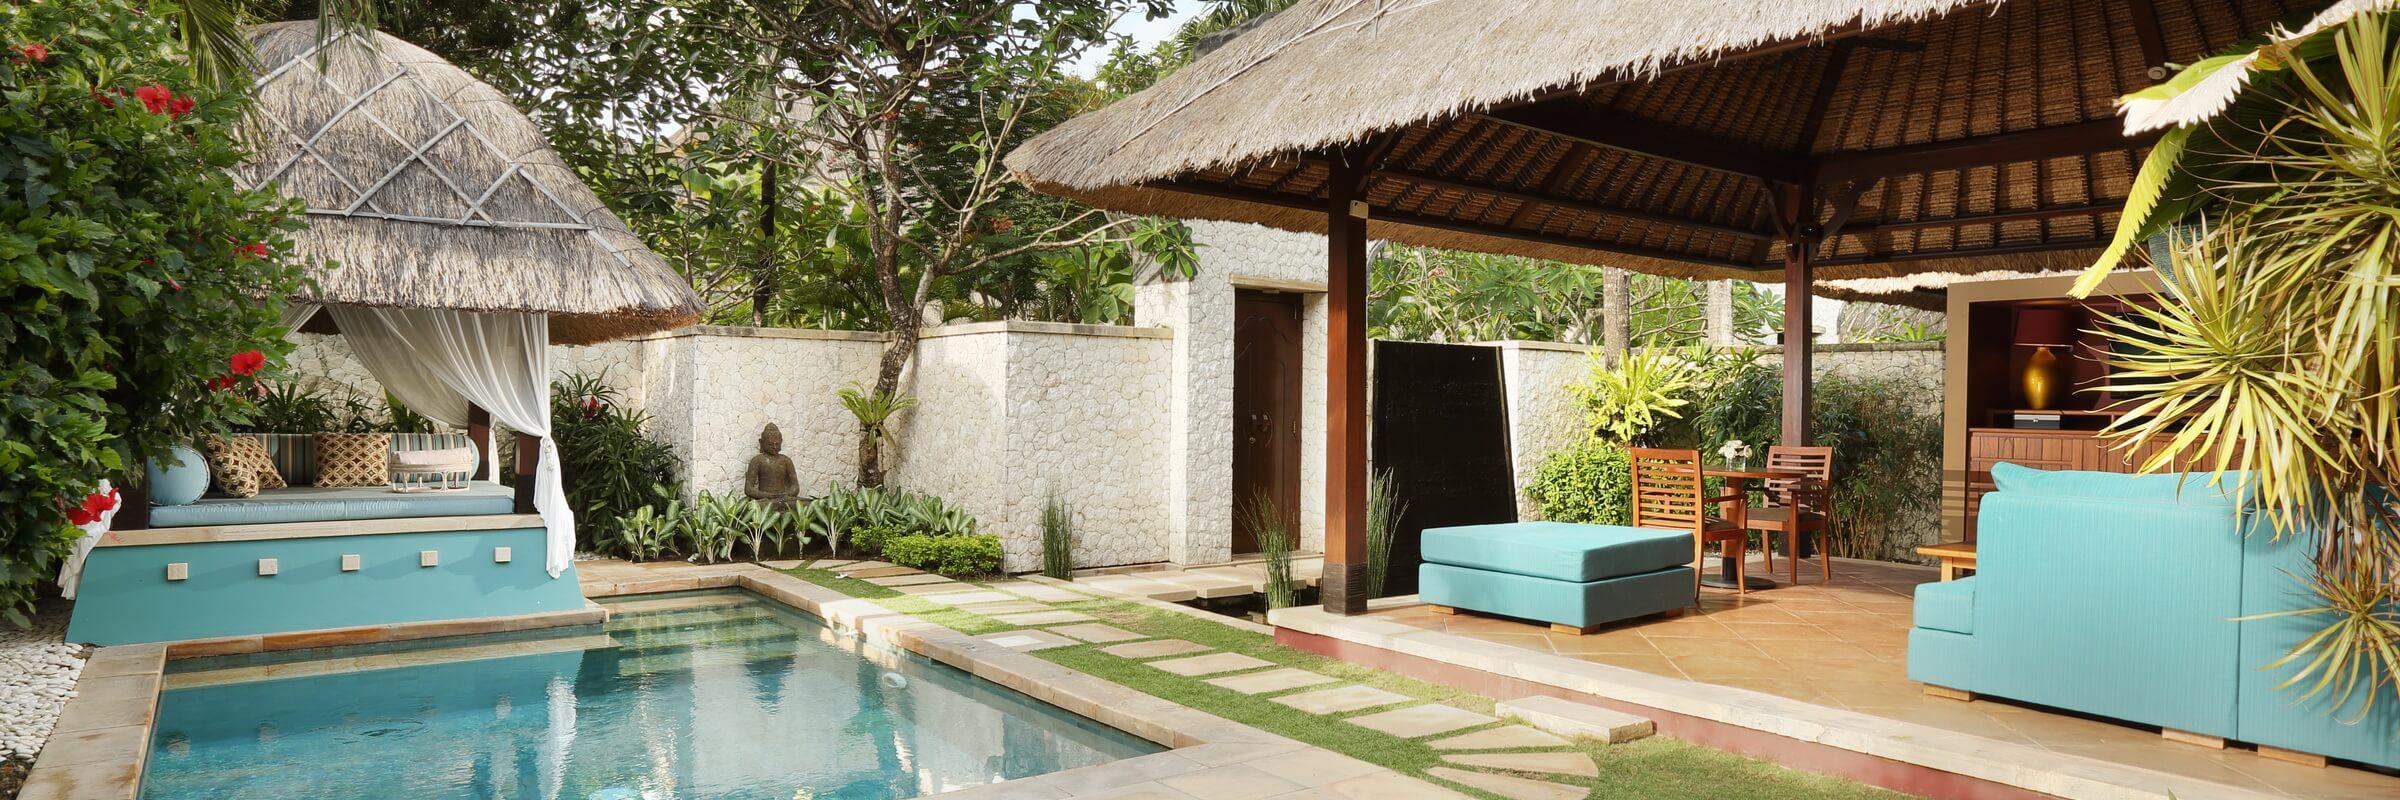 Garten mit Pool und Sonnenbereich der Pool Villa im Novotel Bali Benoa